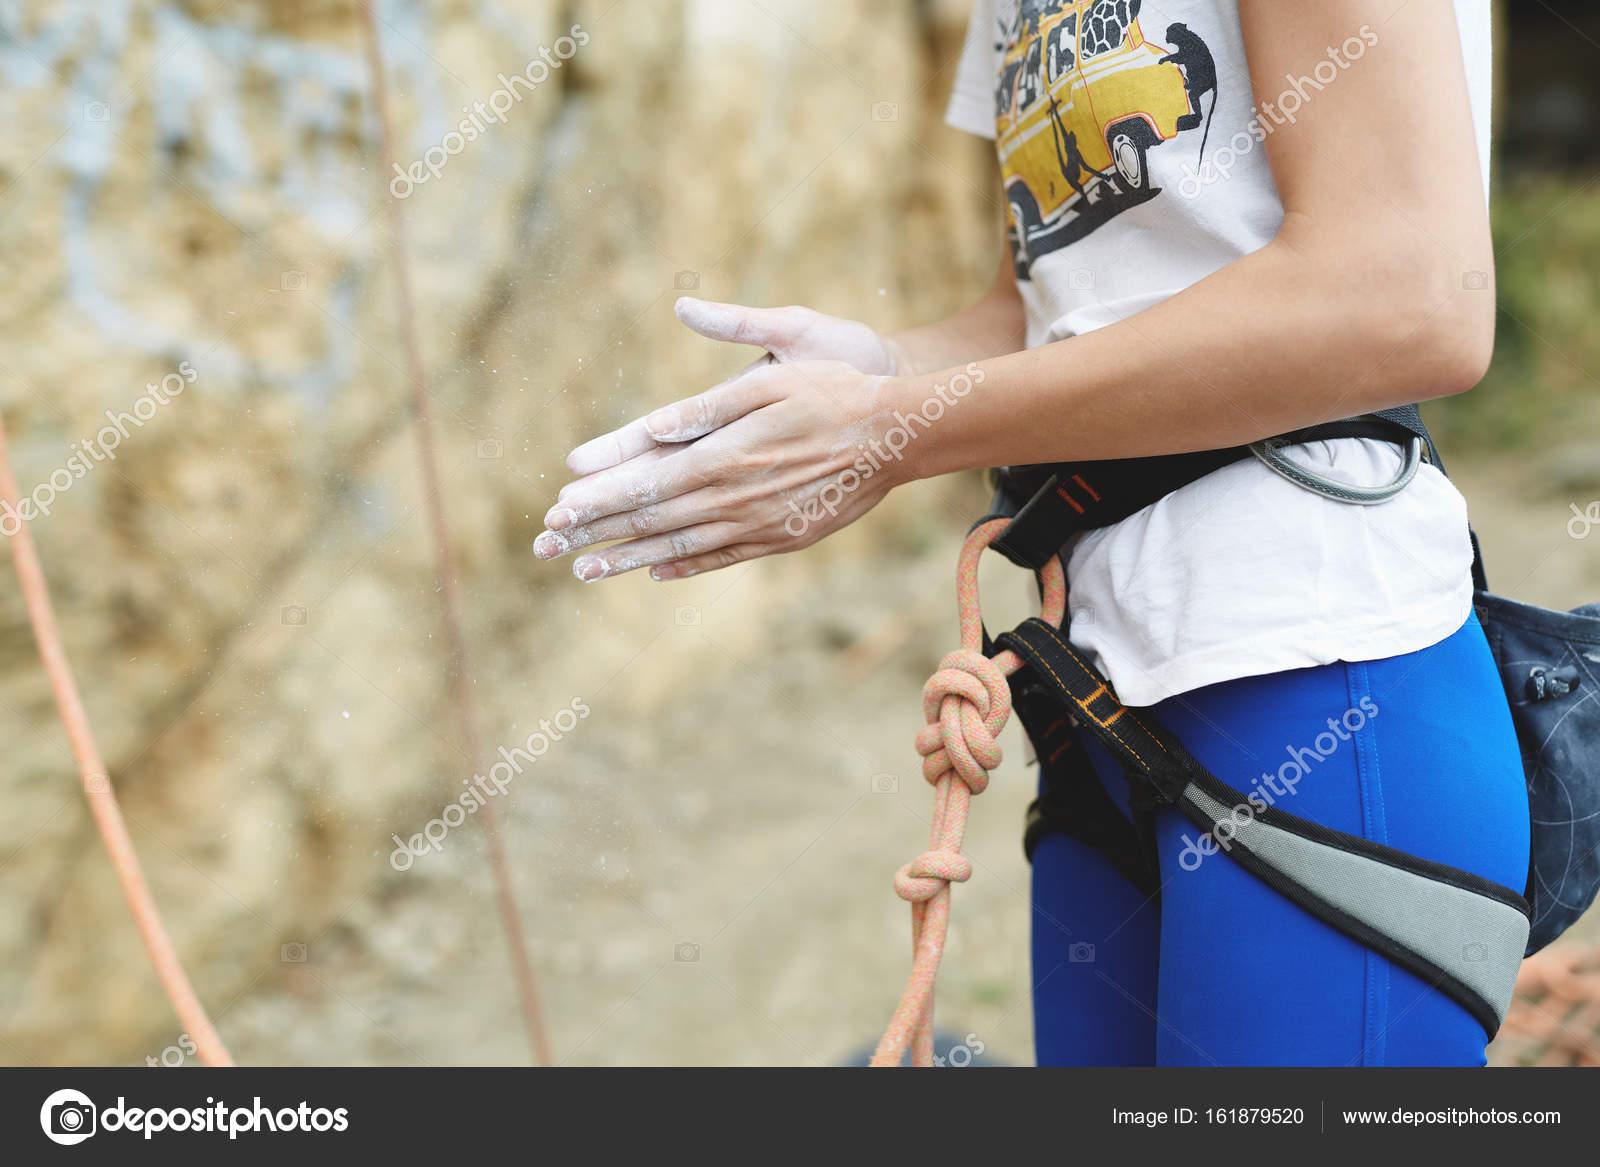 Klettergurt Aus Seil : Frau kletterer bereitet sich auf den felsen zu skalieren u2014 stockfoto